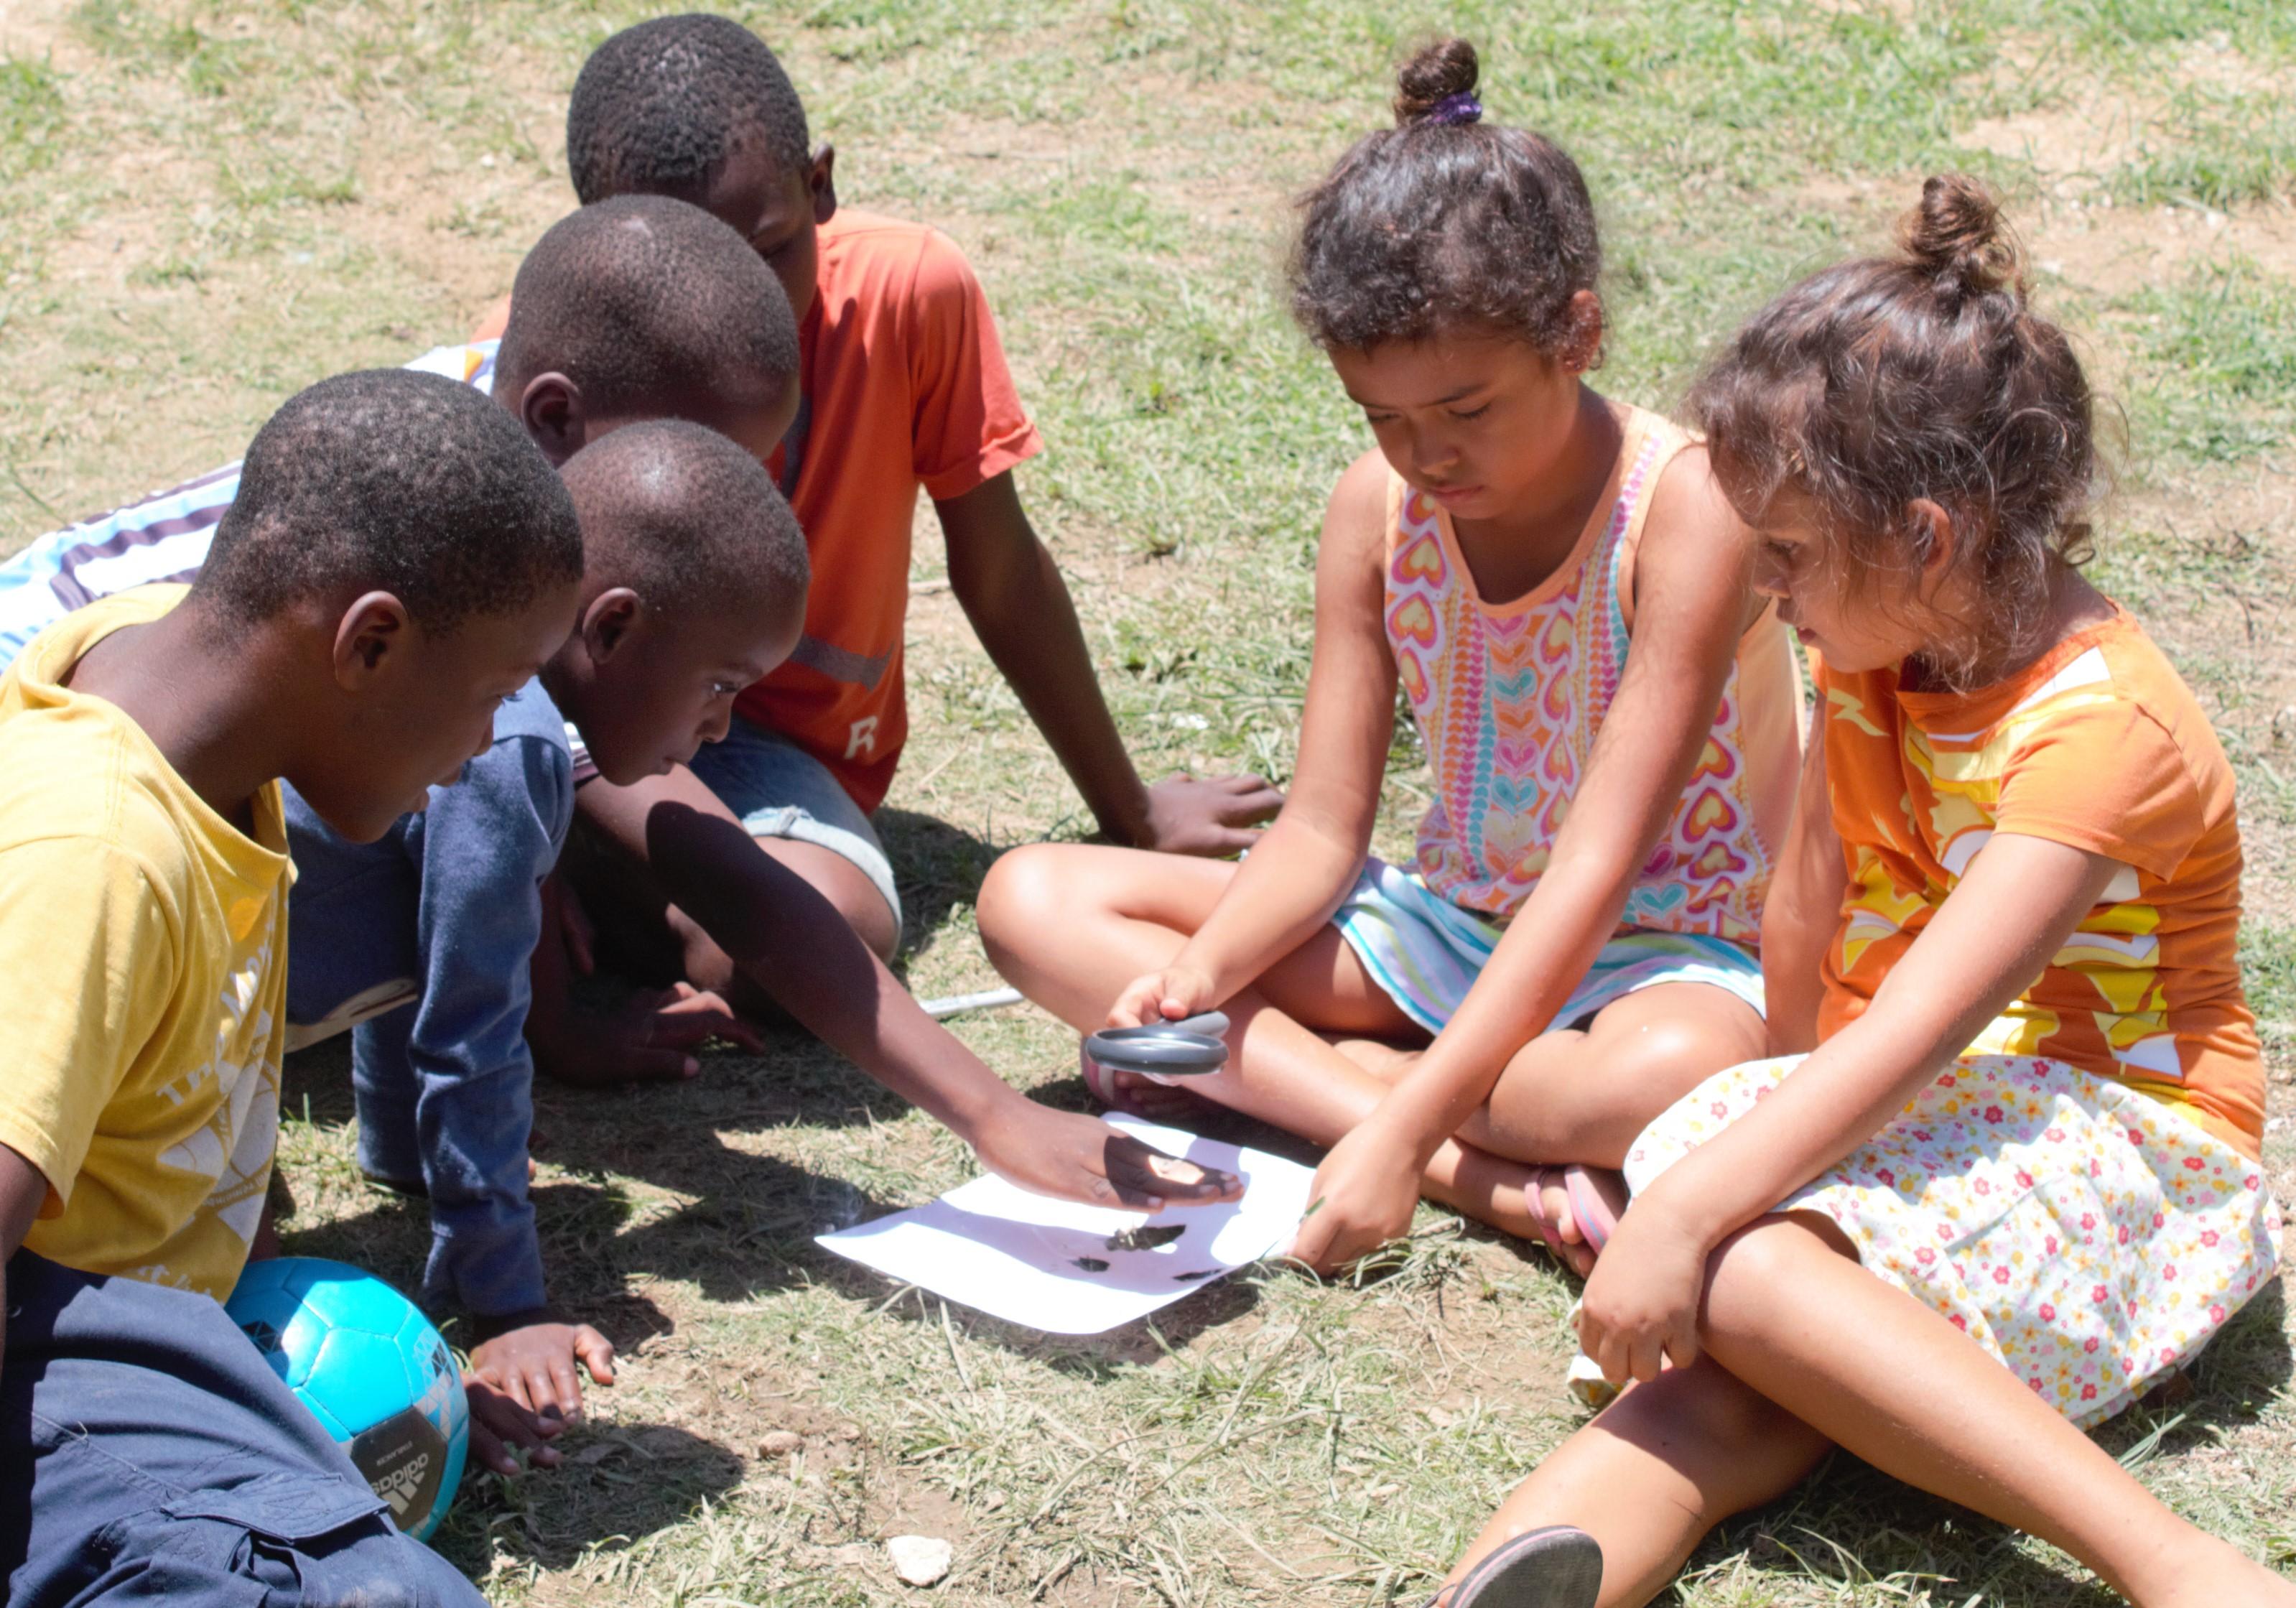 Keila, Annika y algunos niños cerca del centro de formación en Mombin Crochu juntos aprendiendo a concentrar la energía solar para quemar papel.